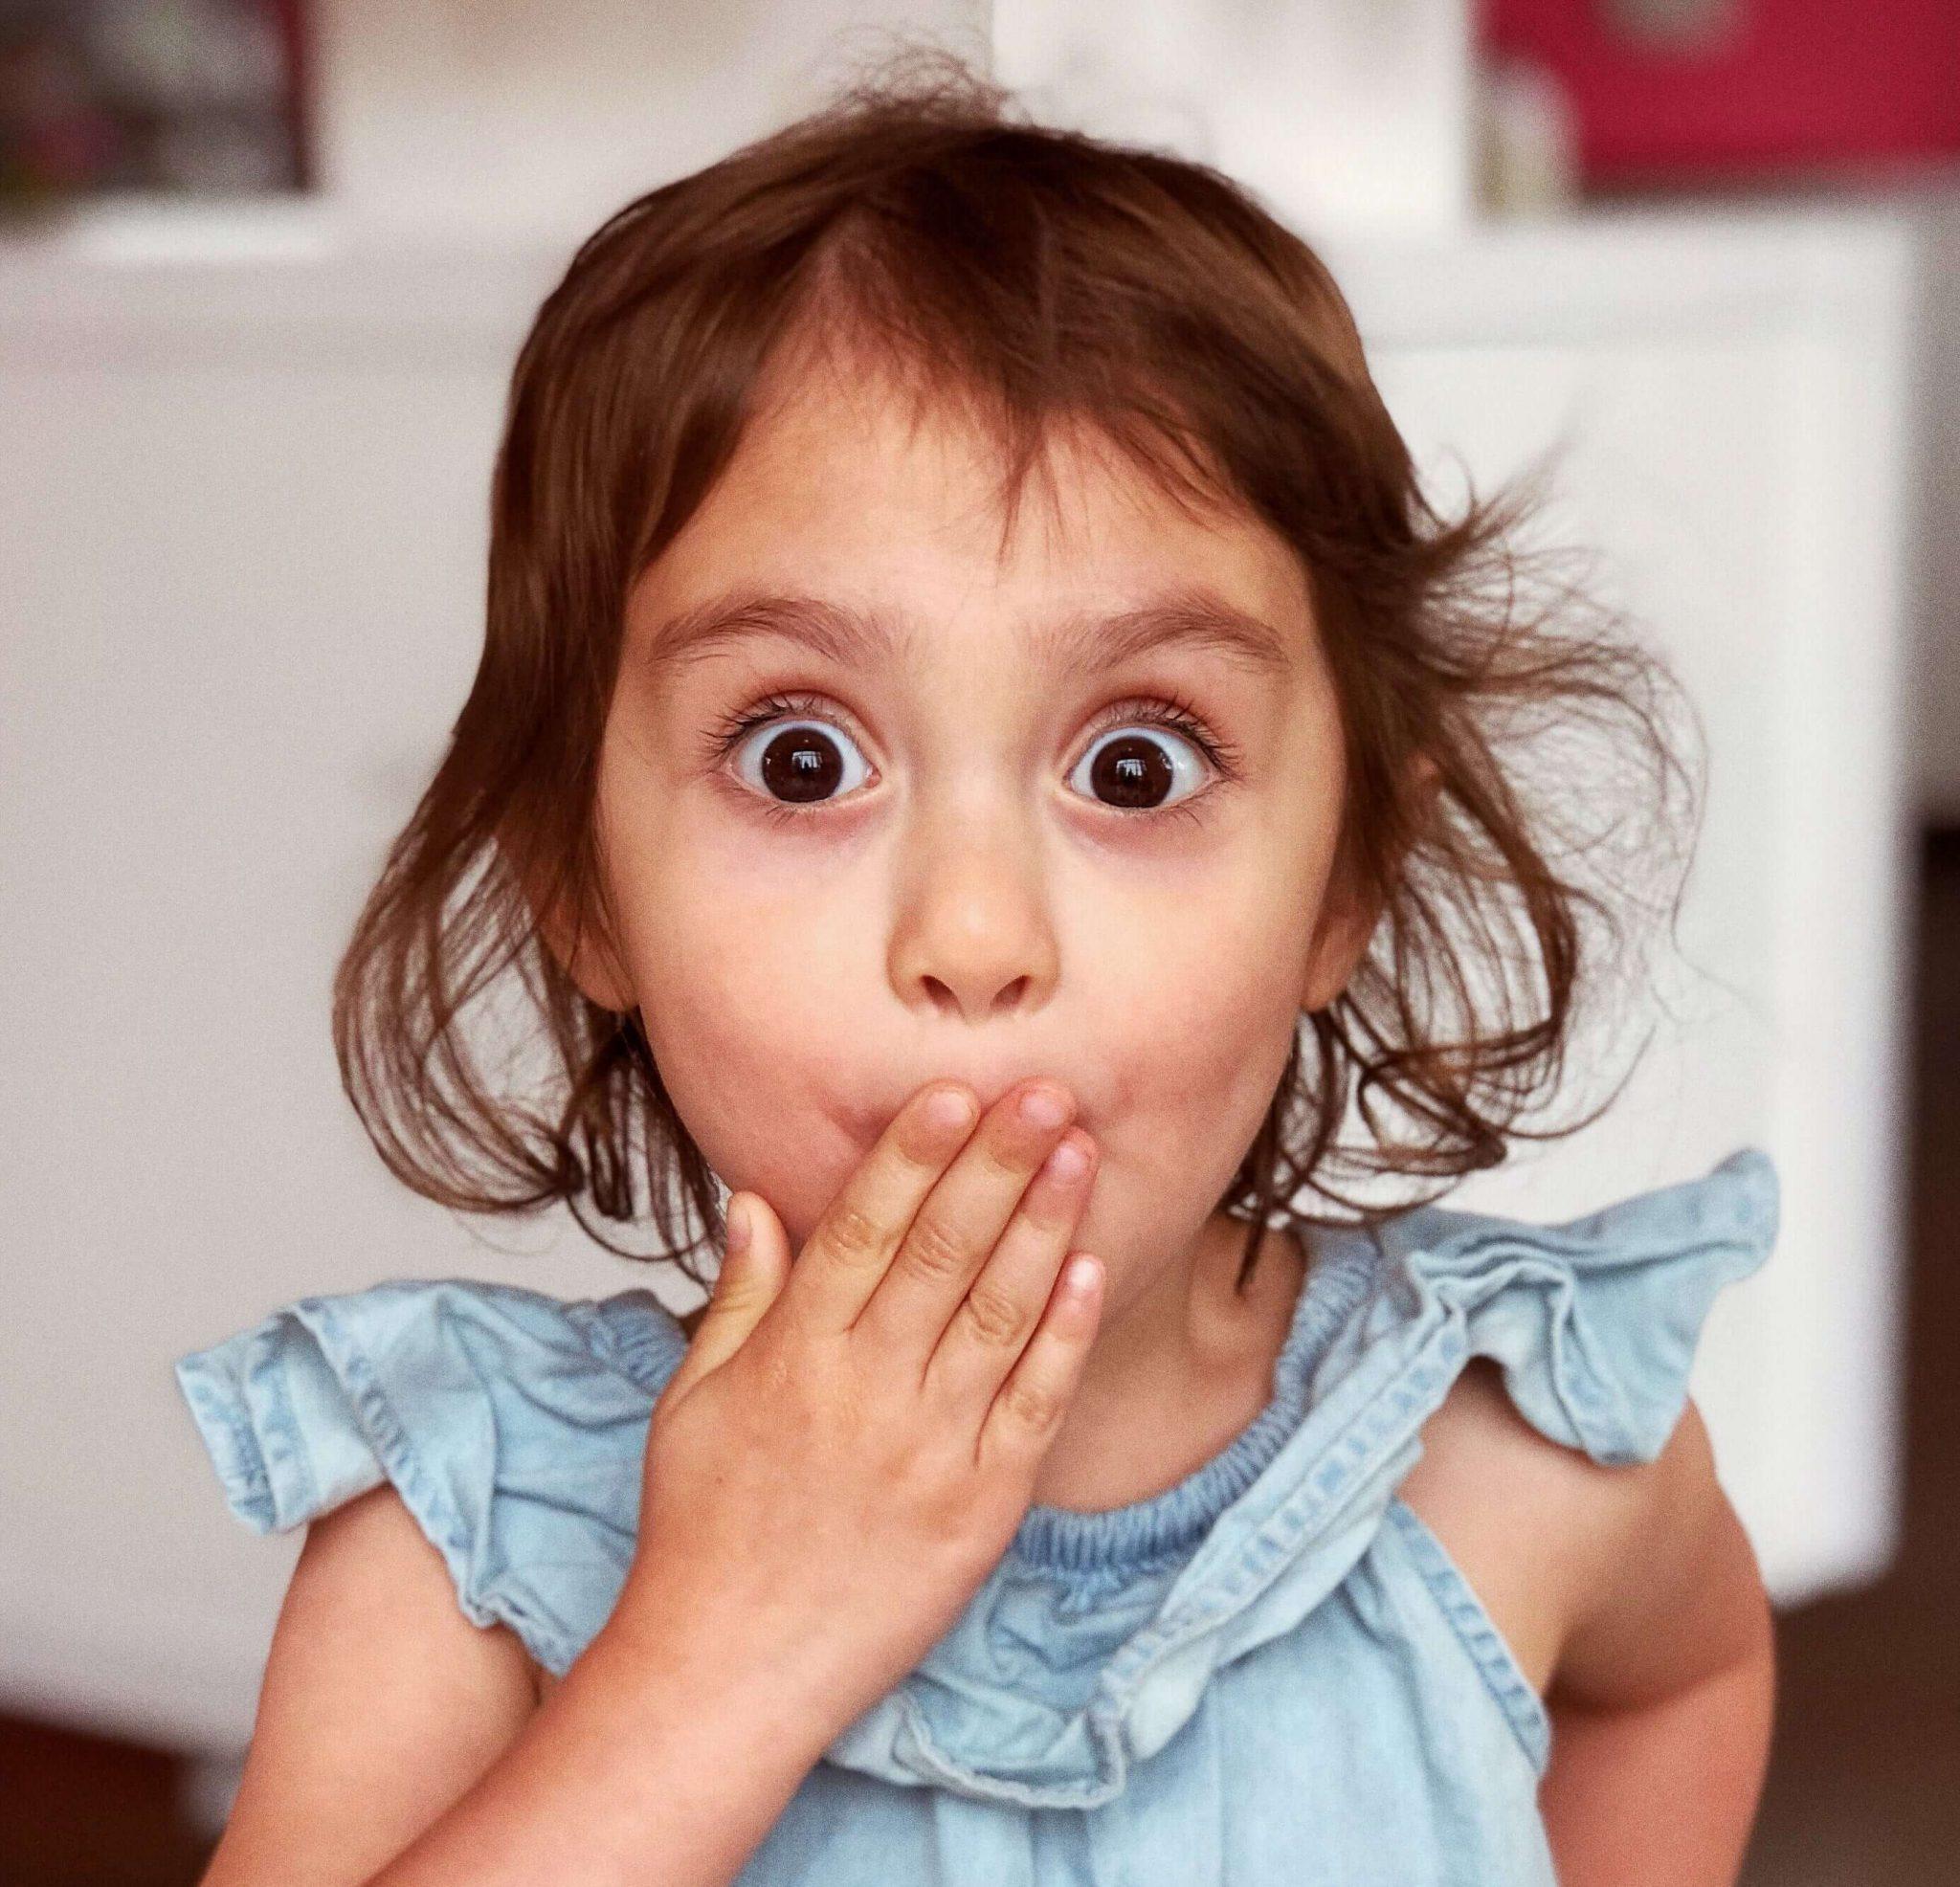 כמה אנחנו אוהבים כאשר מפתיעים אותנו! מה קורה כאשר מפתיעים אותנו בעולם העסקי?